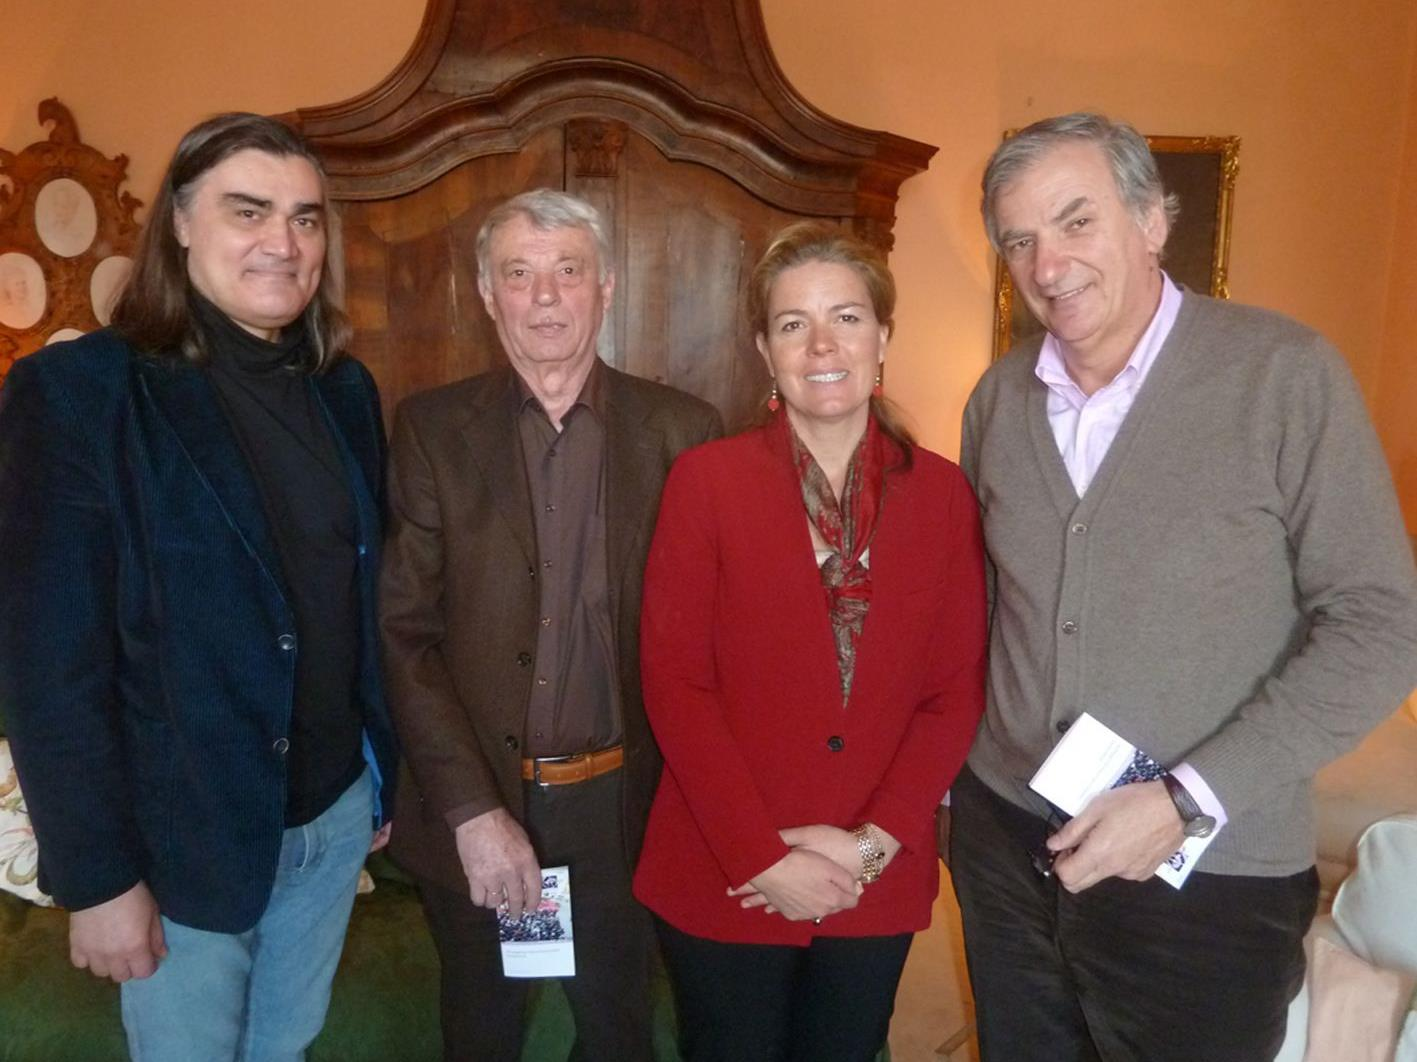 Programmvorstellung: Robert Bokor, Josef Kloiber, Stephanie Waldburg-Zeil und Irakli Gogibedaschwili